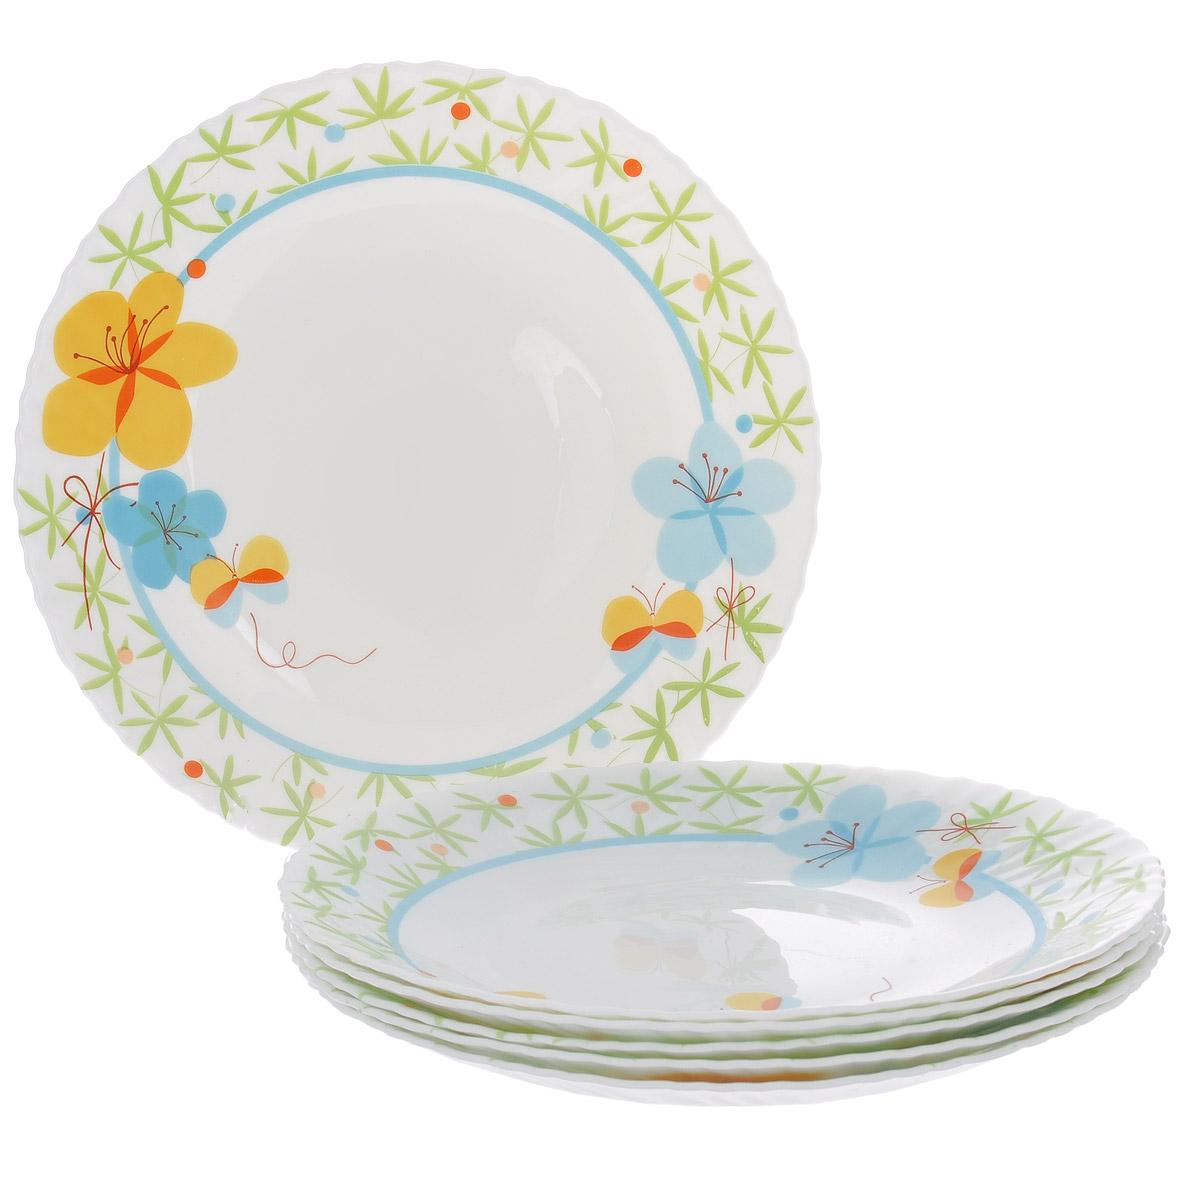 Набор тарелок Цветочки, диаметр 26 см, 6 шт. Кт LHP105/6-1102LHP105/6-1102Набор тарелок Цветочки, выполненный из высококачественного стекла, состоит из 6 мелких тарелок. Тарелки украшены принтом в виде цветов и бабочек и фигурными краями. Они сочетают в себе изысканный дизайн с максимальной функциональностью. Оригинальность оформления тарелок придется по вкусу и ценителям классики, и тем, кто предпочитает утонченность и изящность. Набор тарелок Цветочки послужит отличным подарком к любому празднику.